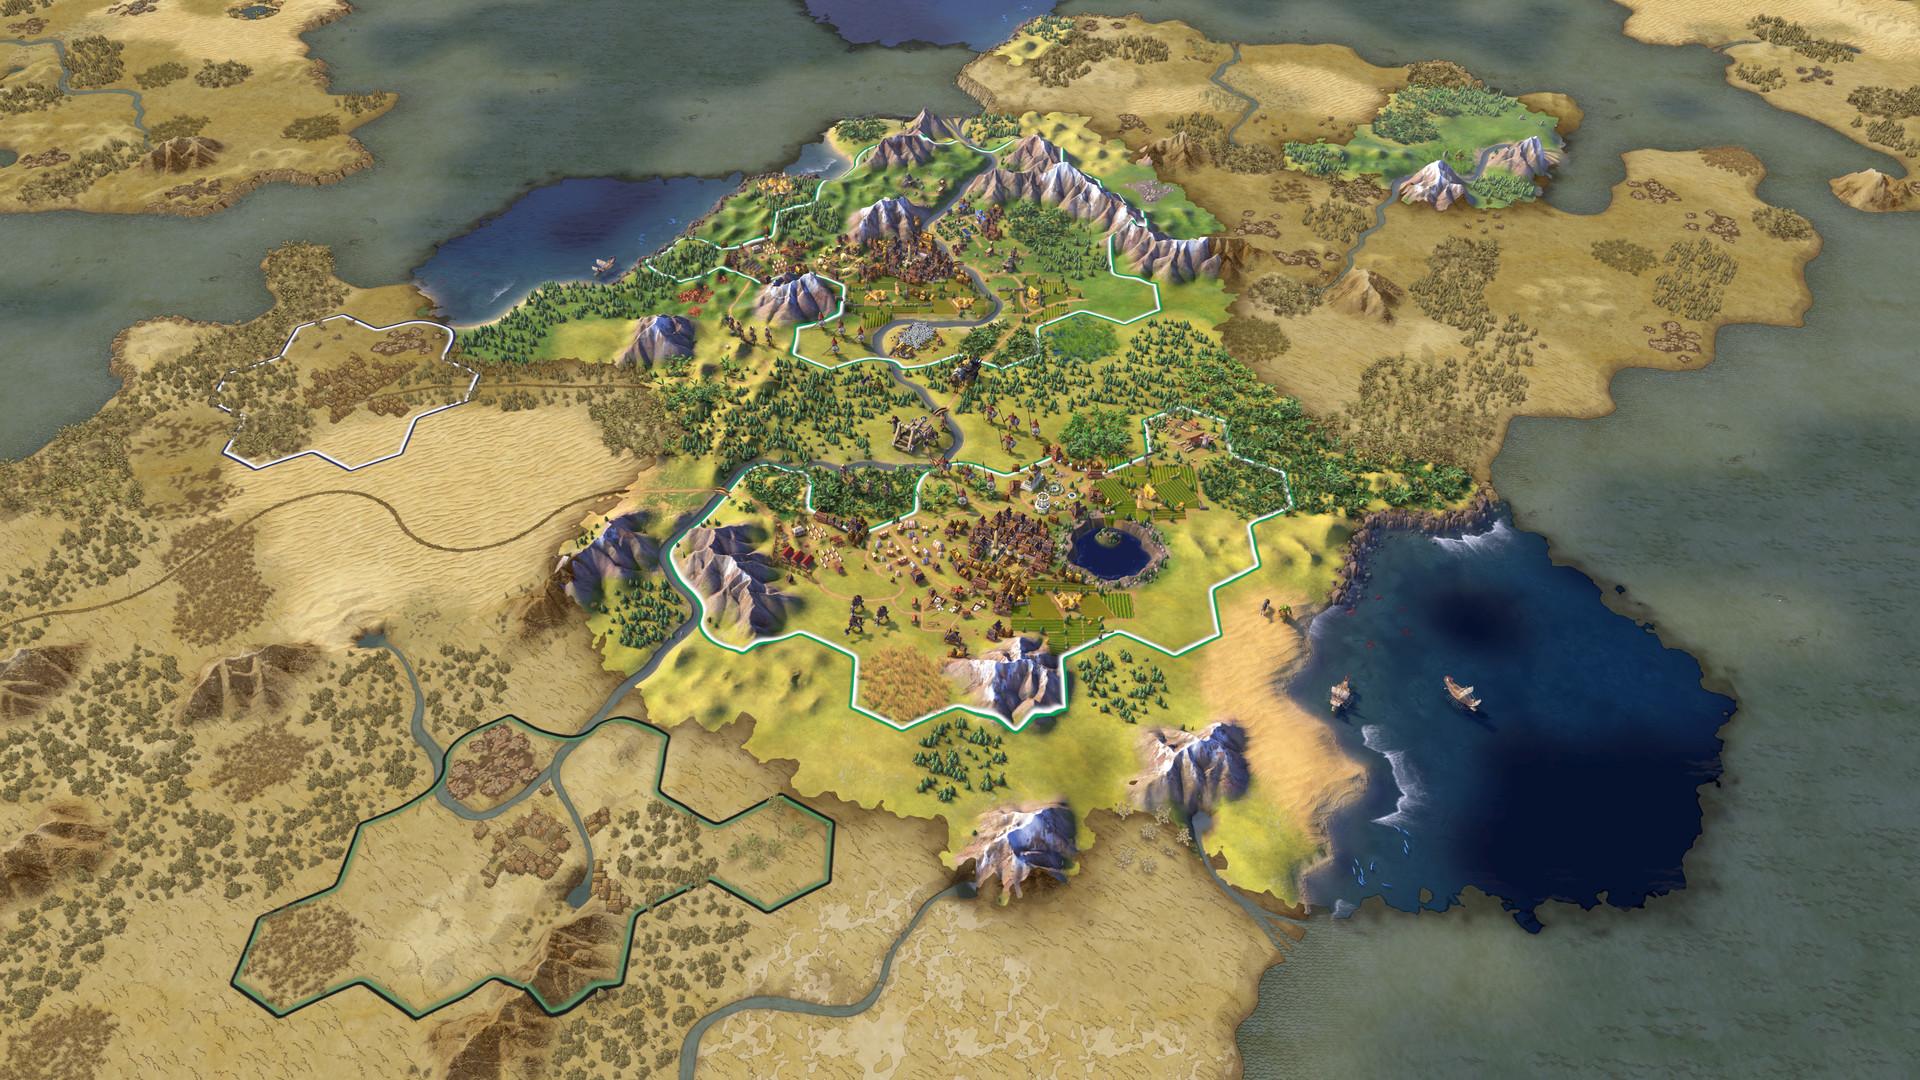 Скачать sid meier's civilization vi (последняя версия) бесплатно.